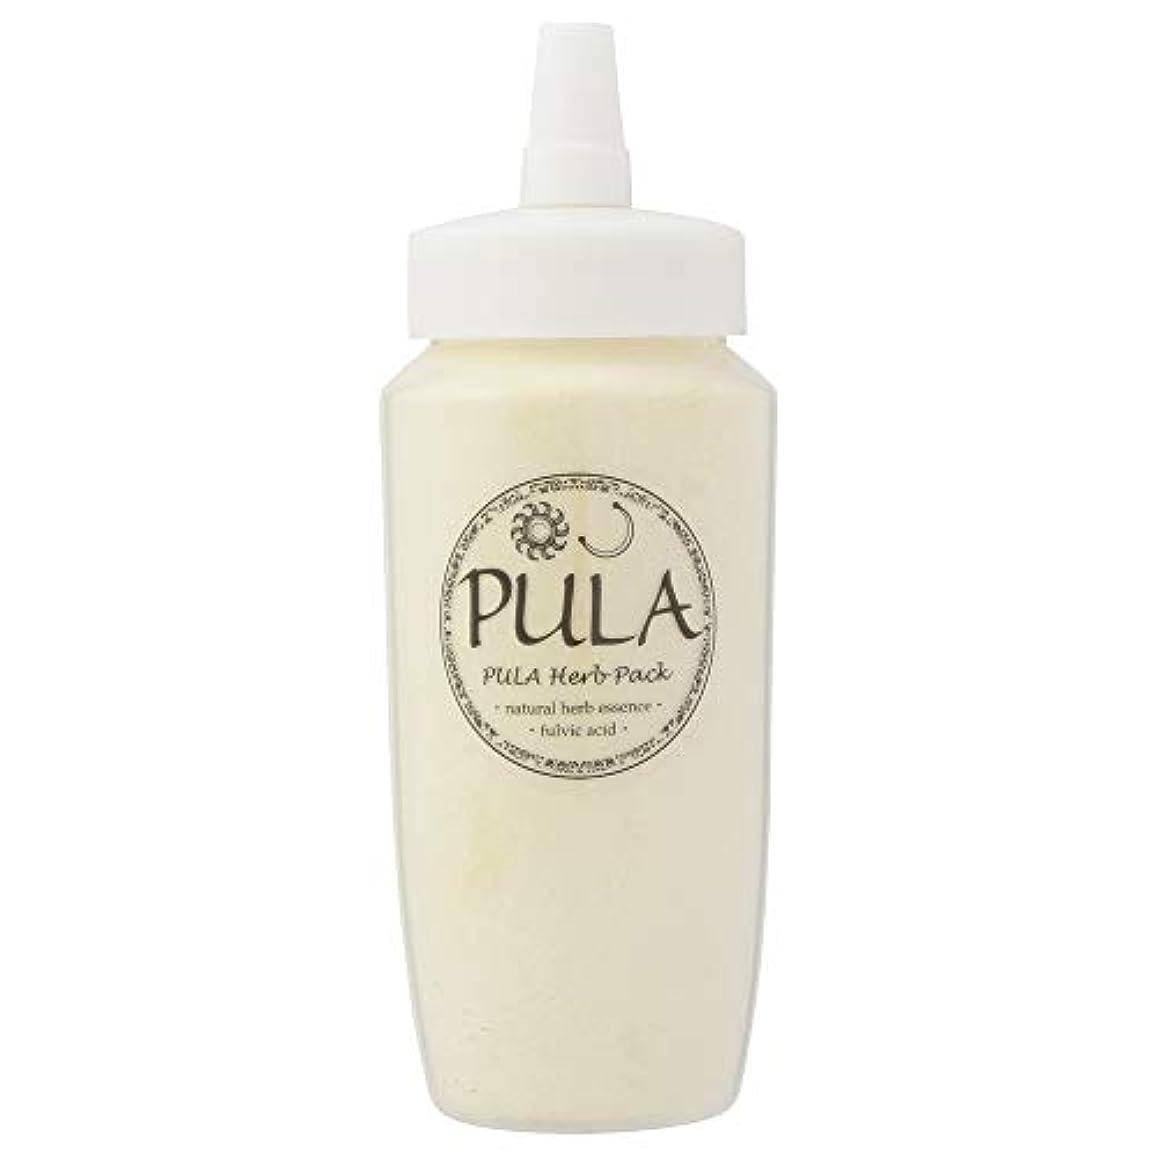 血色の良い勇気のある注入プーラ ハーブパック 200g (頭皮用パック)【ハーブ&フルボ酸】 ヘッドスパ専門店 PULA 100%自然由来配合